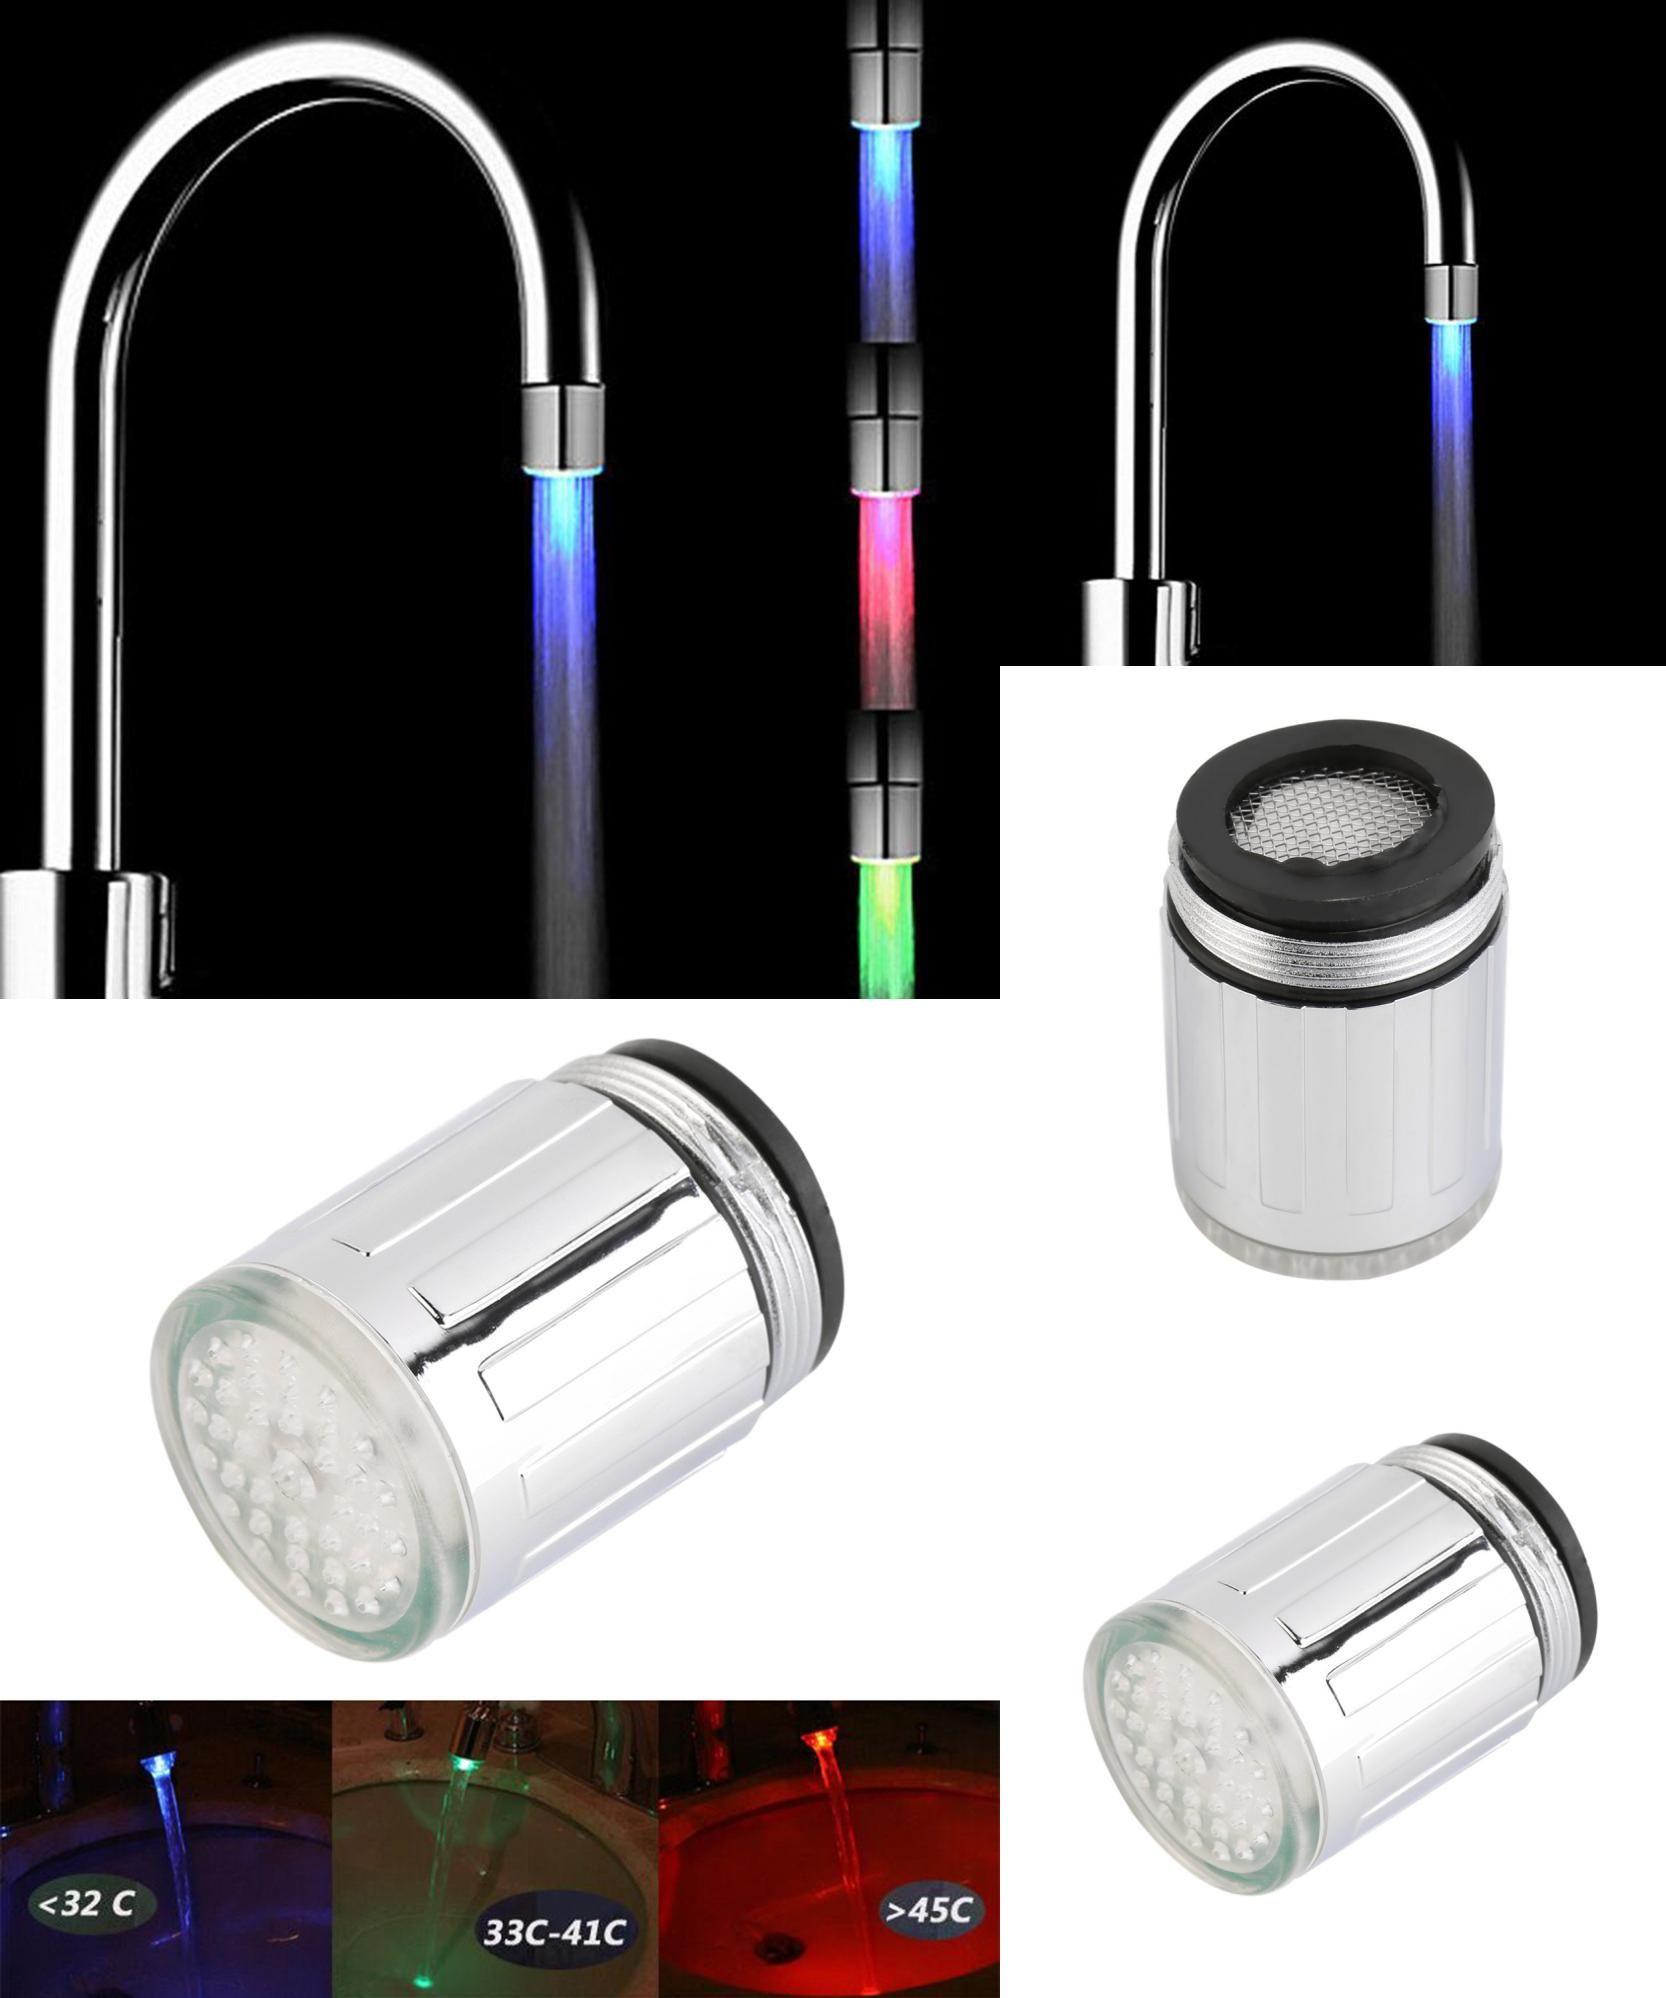 Visit to Buy] Temperature Sensor LED Light Water Faucet Tap Glow ...